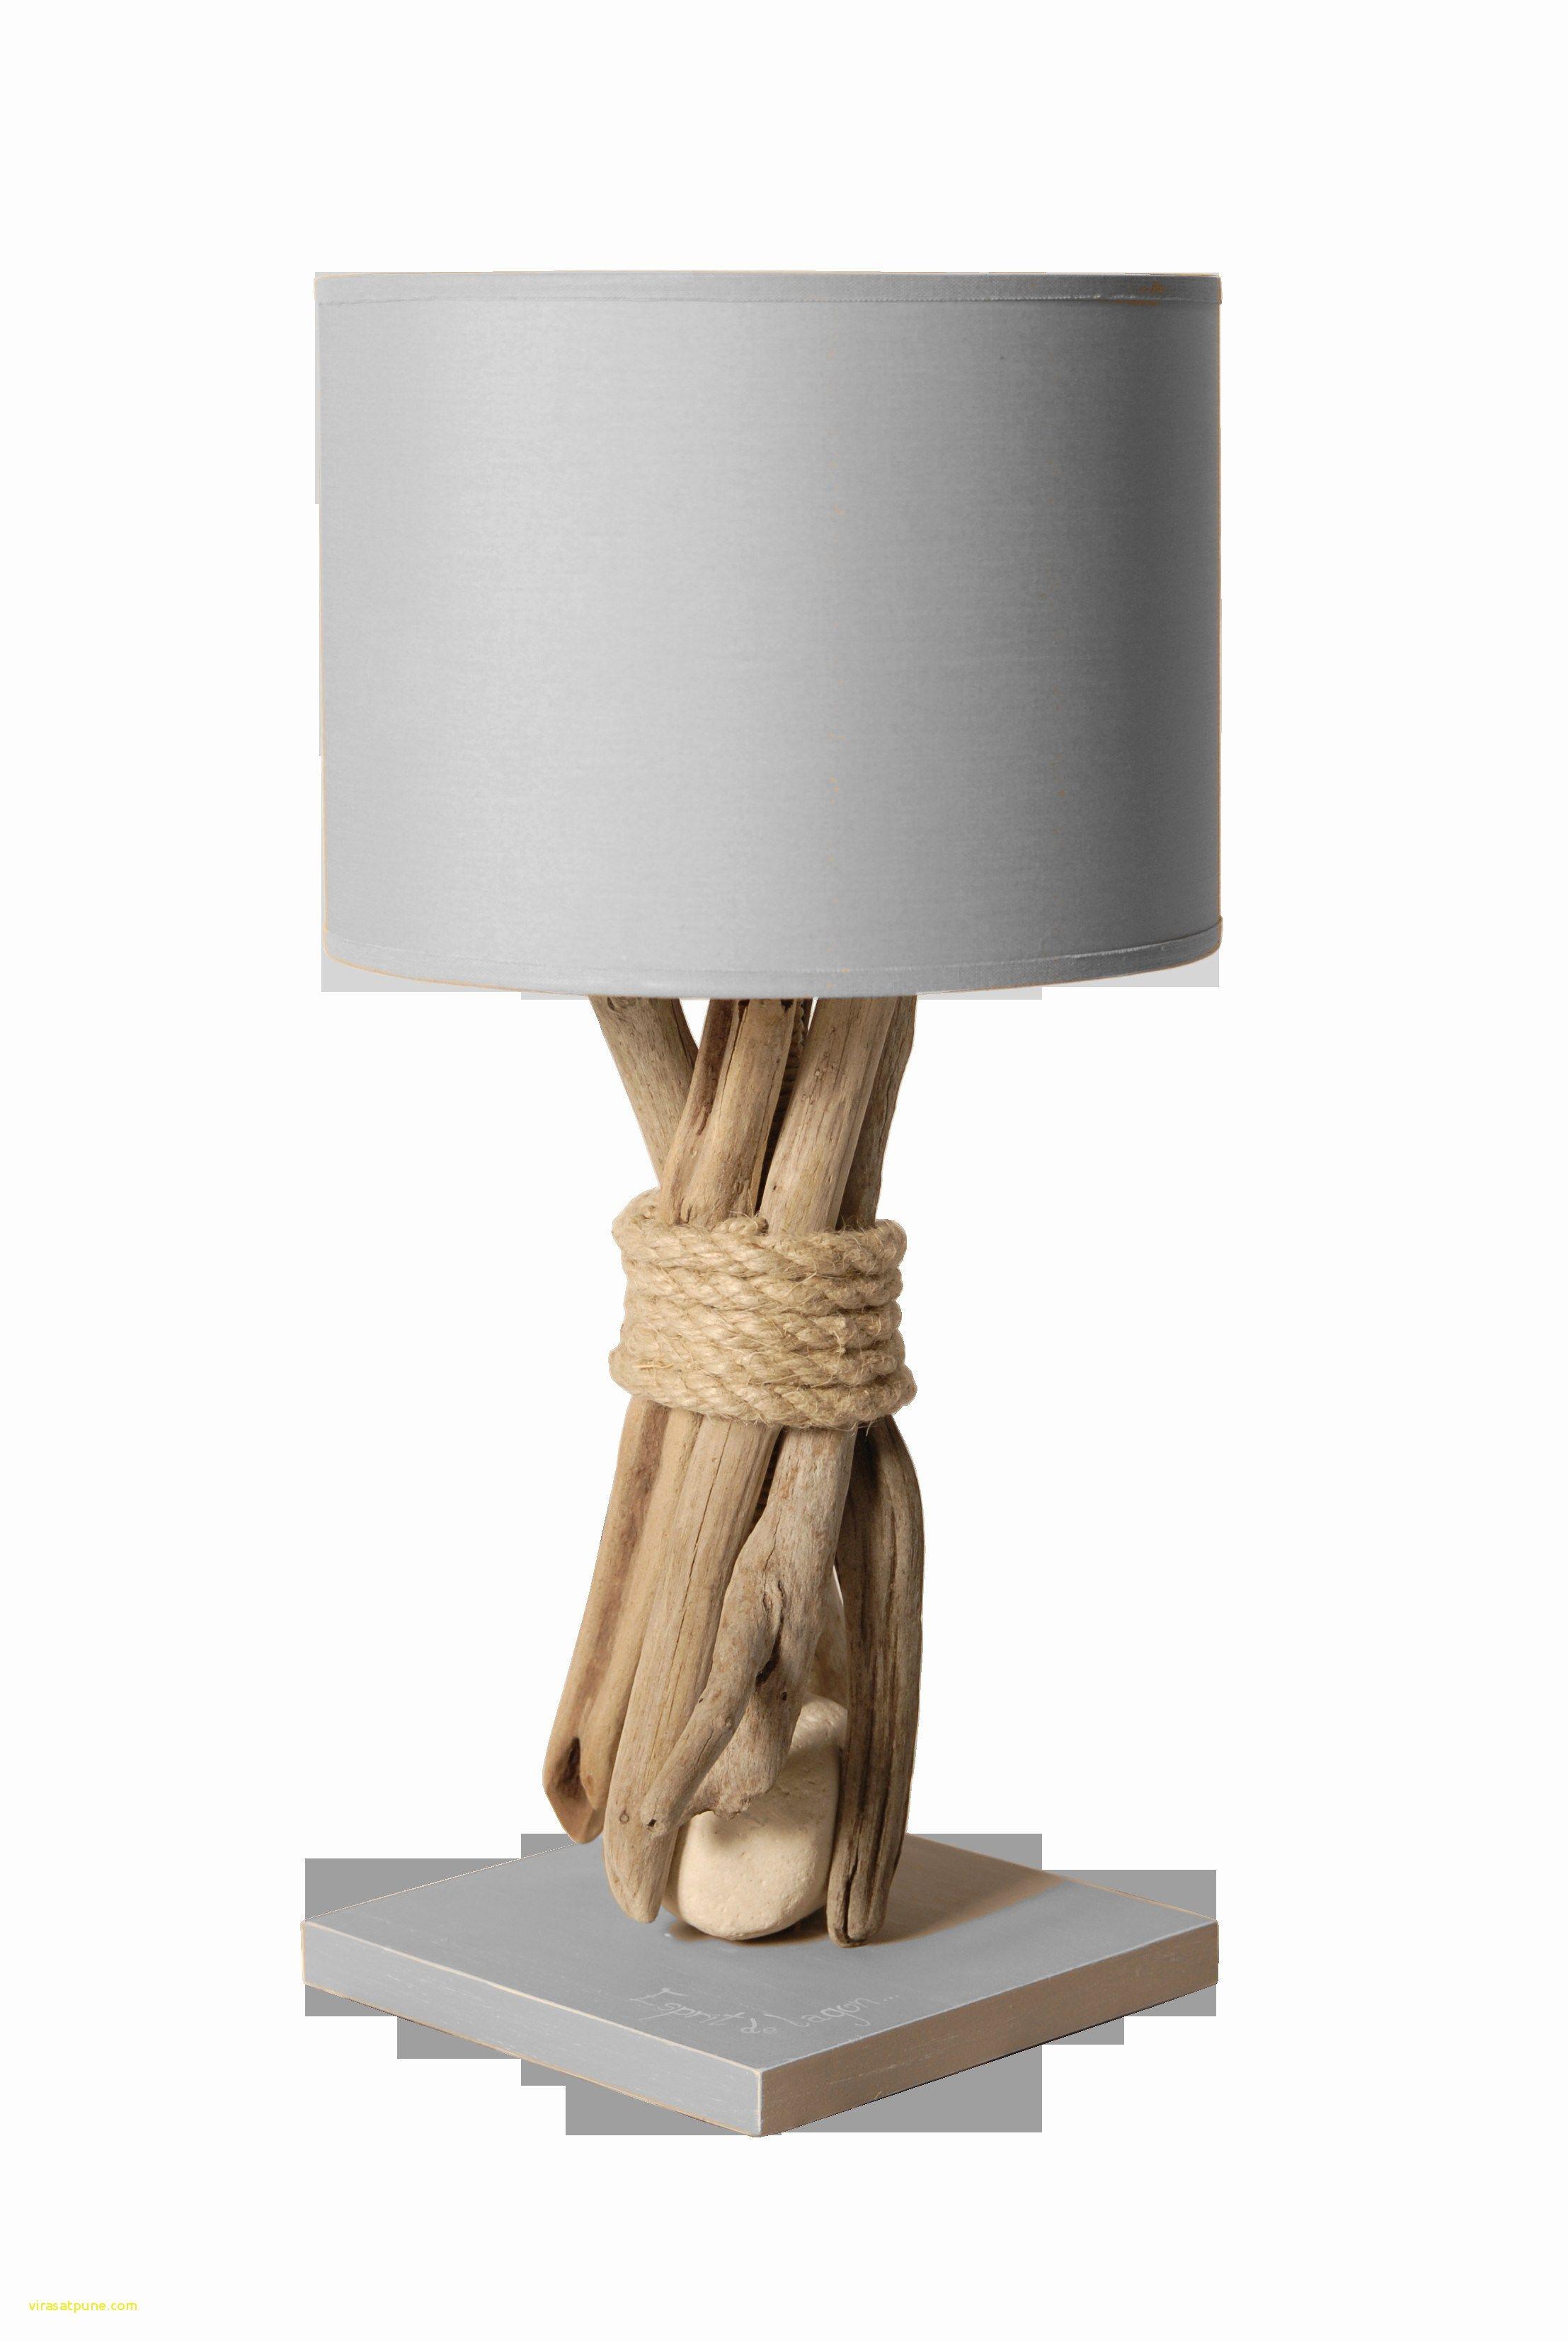 Unique Lampe De Chevet Tactile Ikea Idees De Maison Pinterest Art